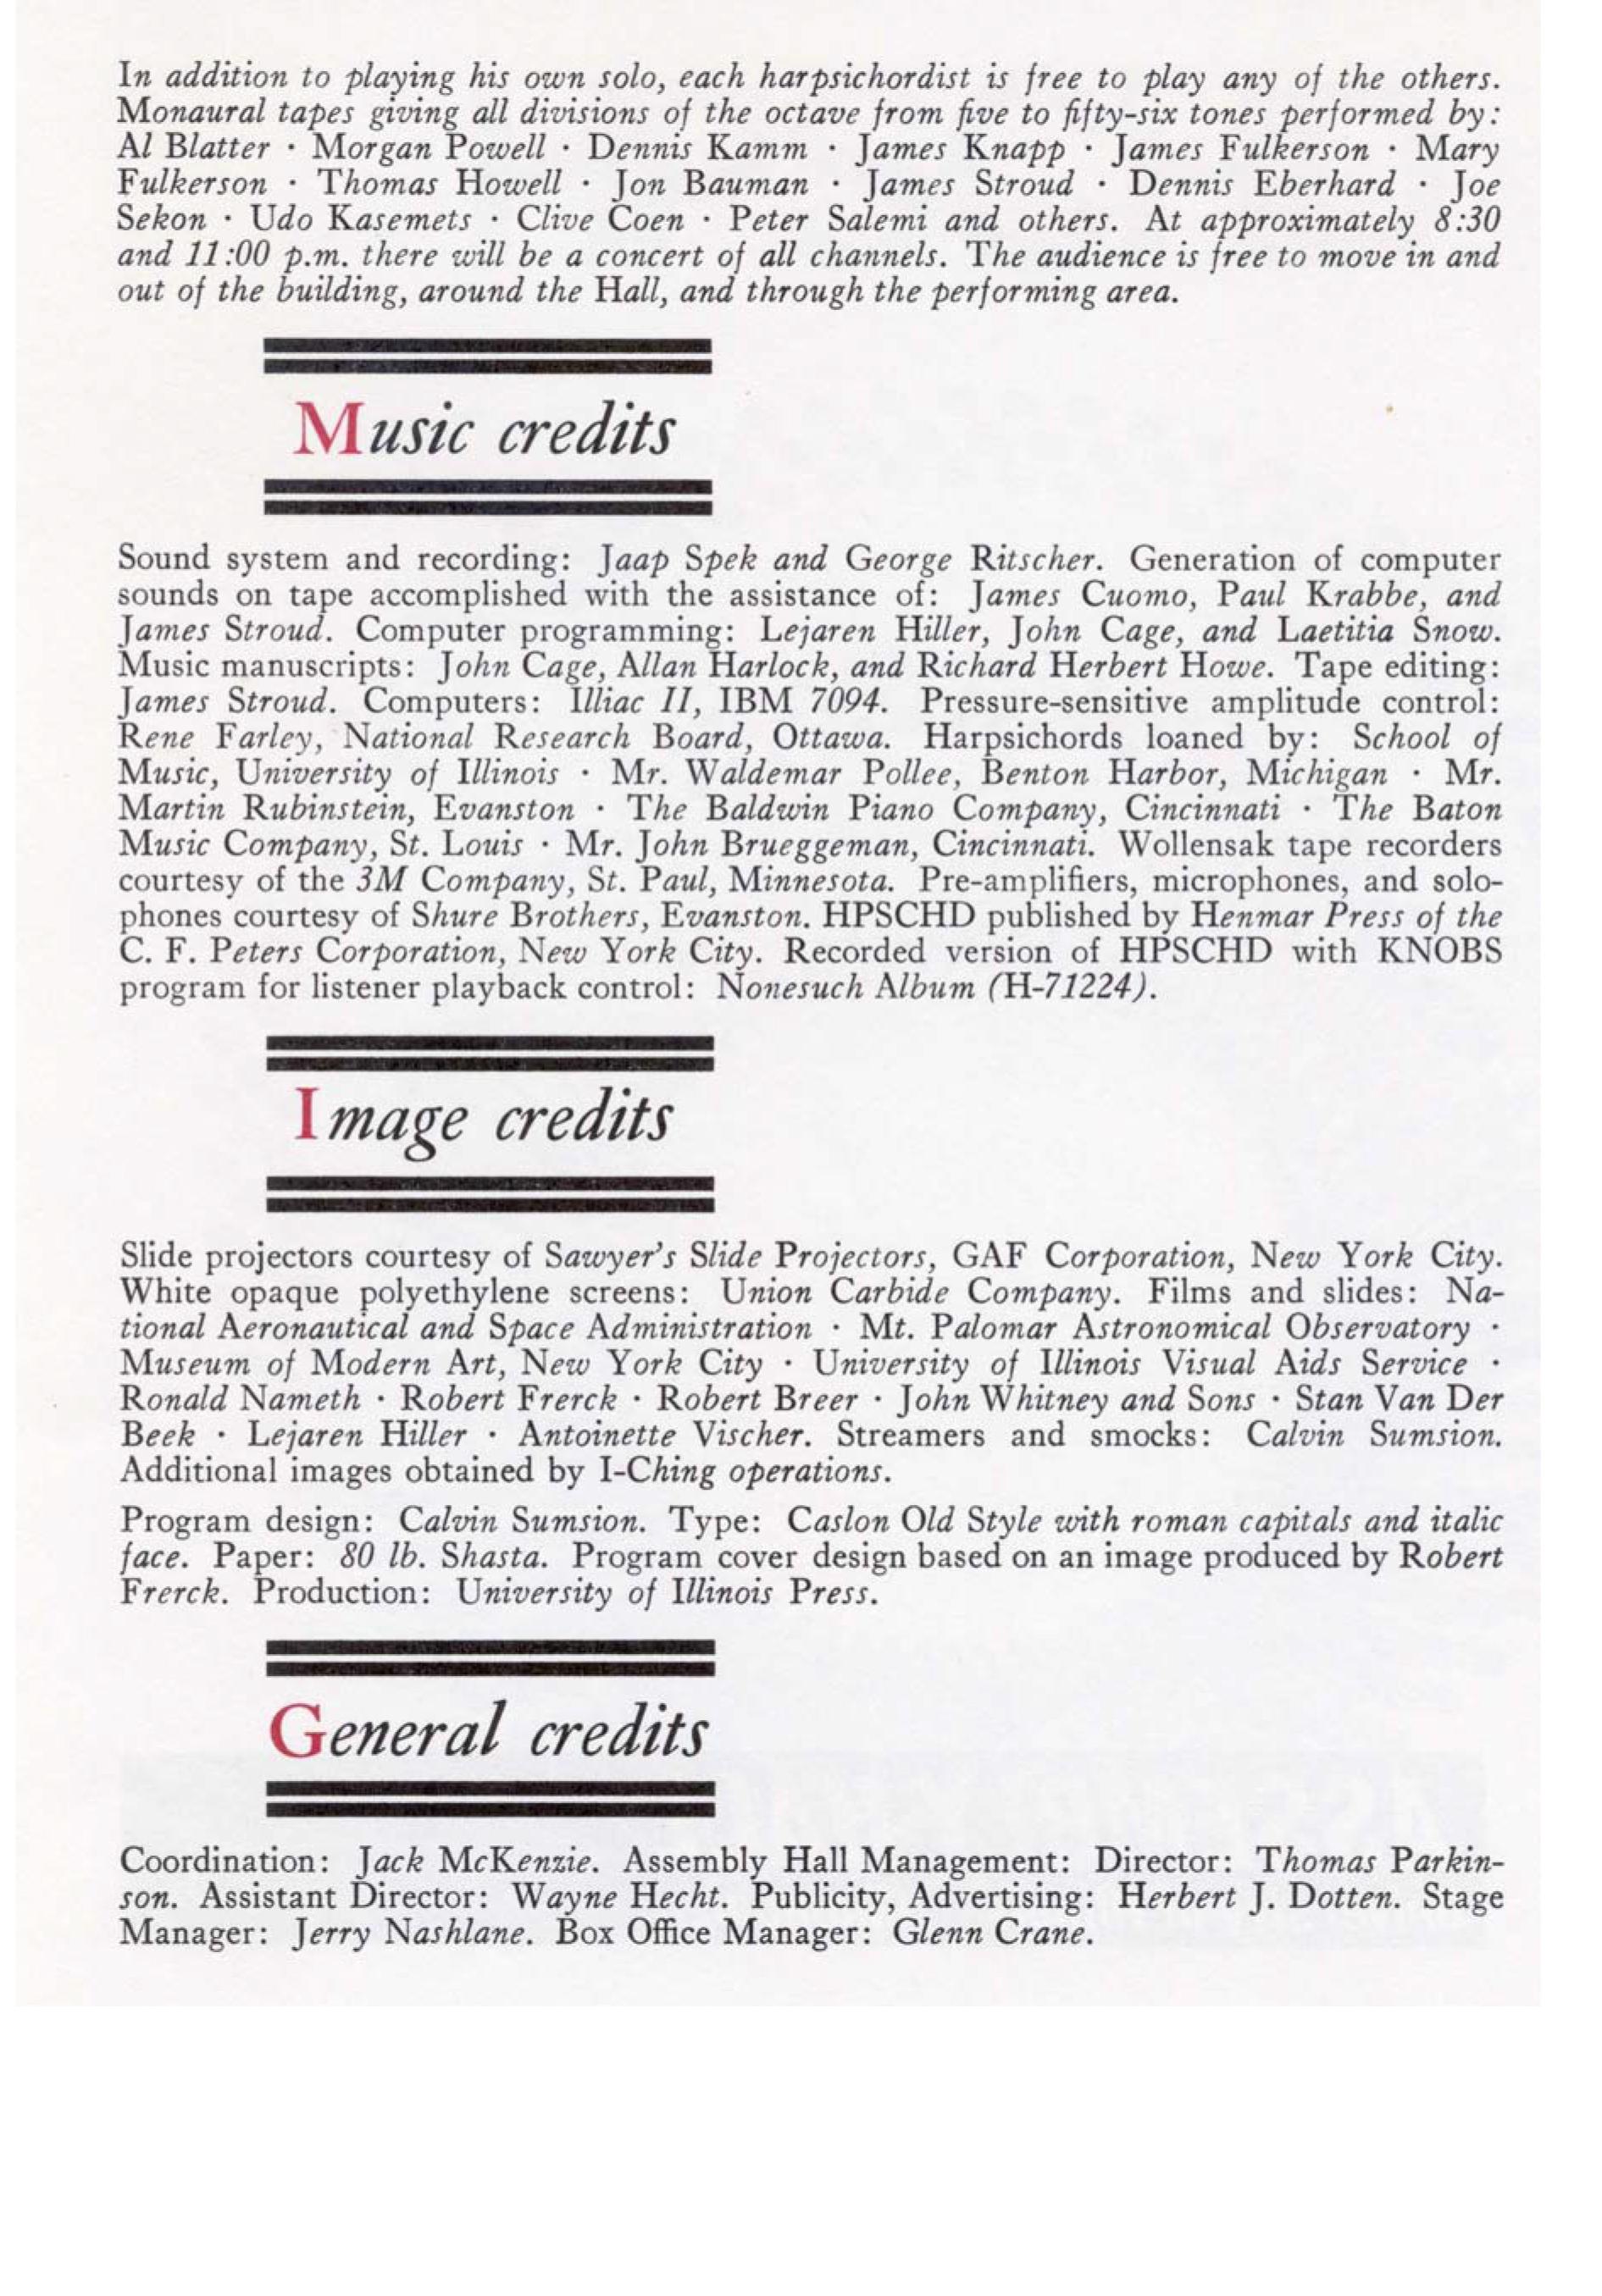 La seconda pagina del programma di sala della prima esecuzione di HPSCHD, datata 16 Maggio 1969.